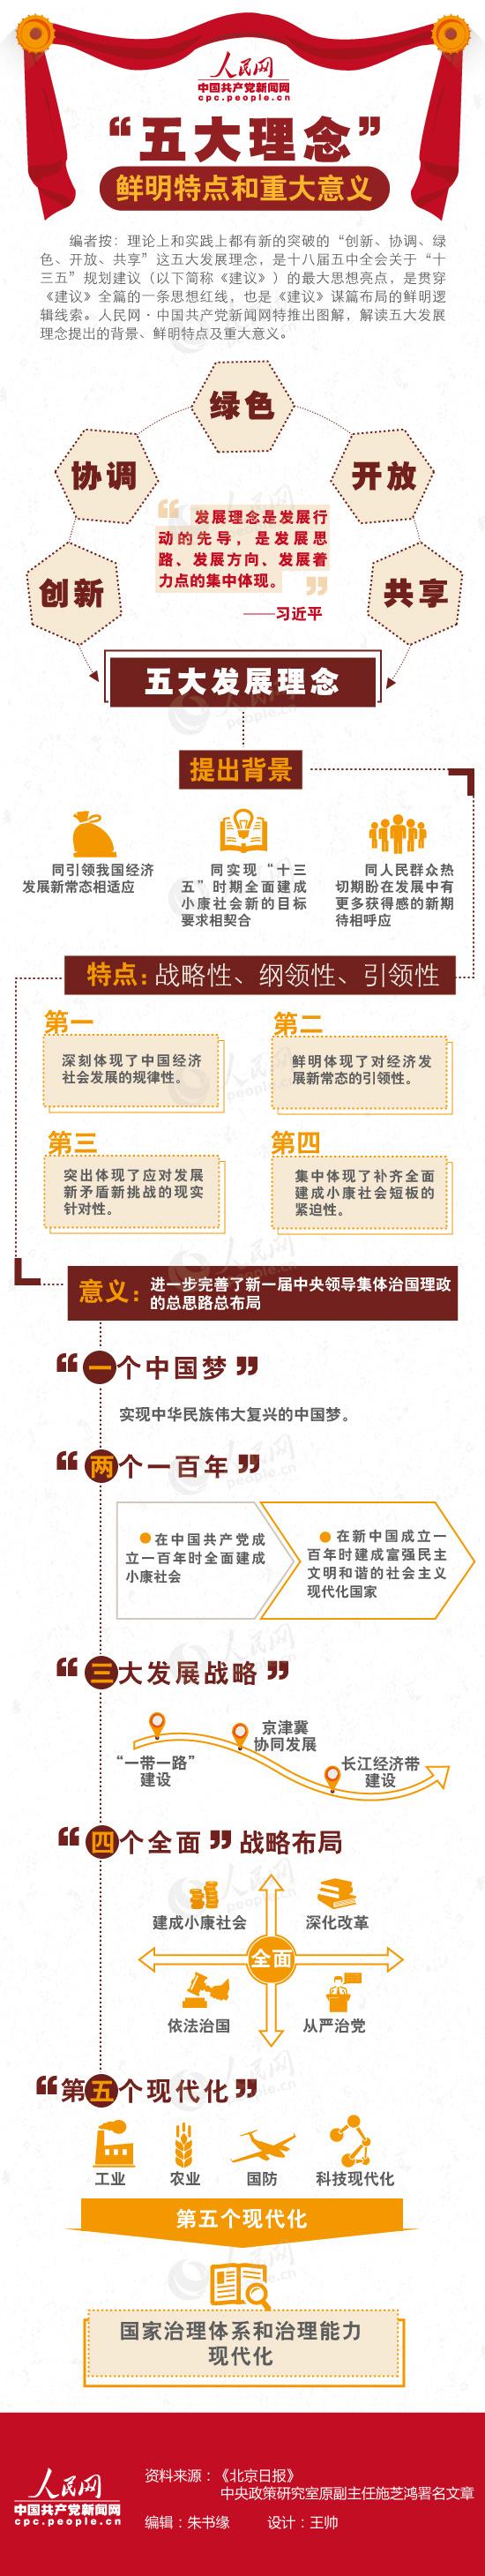 """【图解】""""五大理念""""的鲜明特点和重大意义 - 酷卖潮物~吧 - 酷卖潮物~吧"""